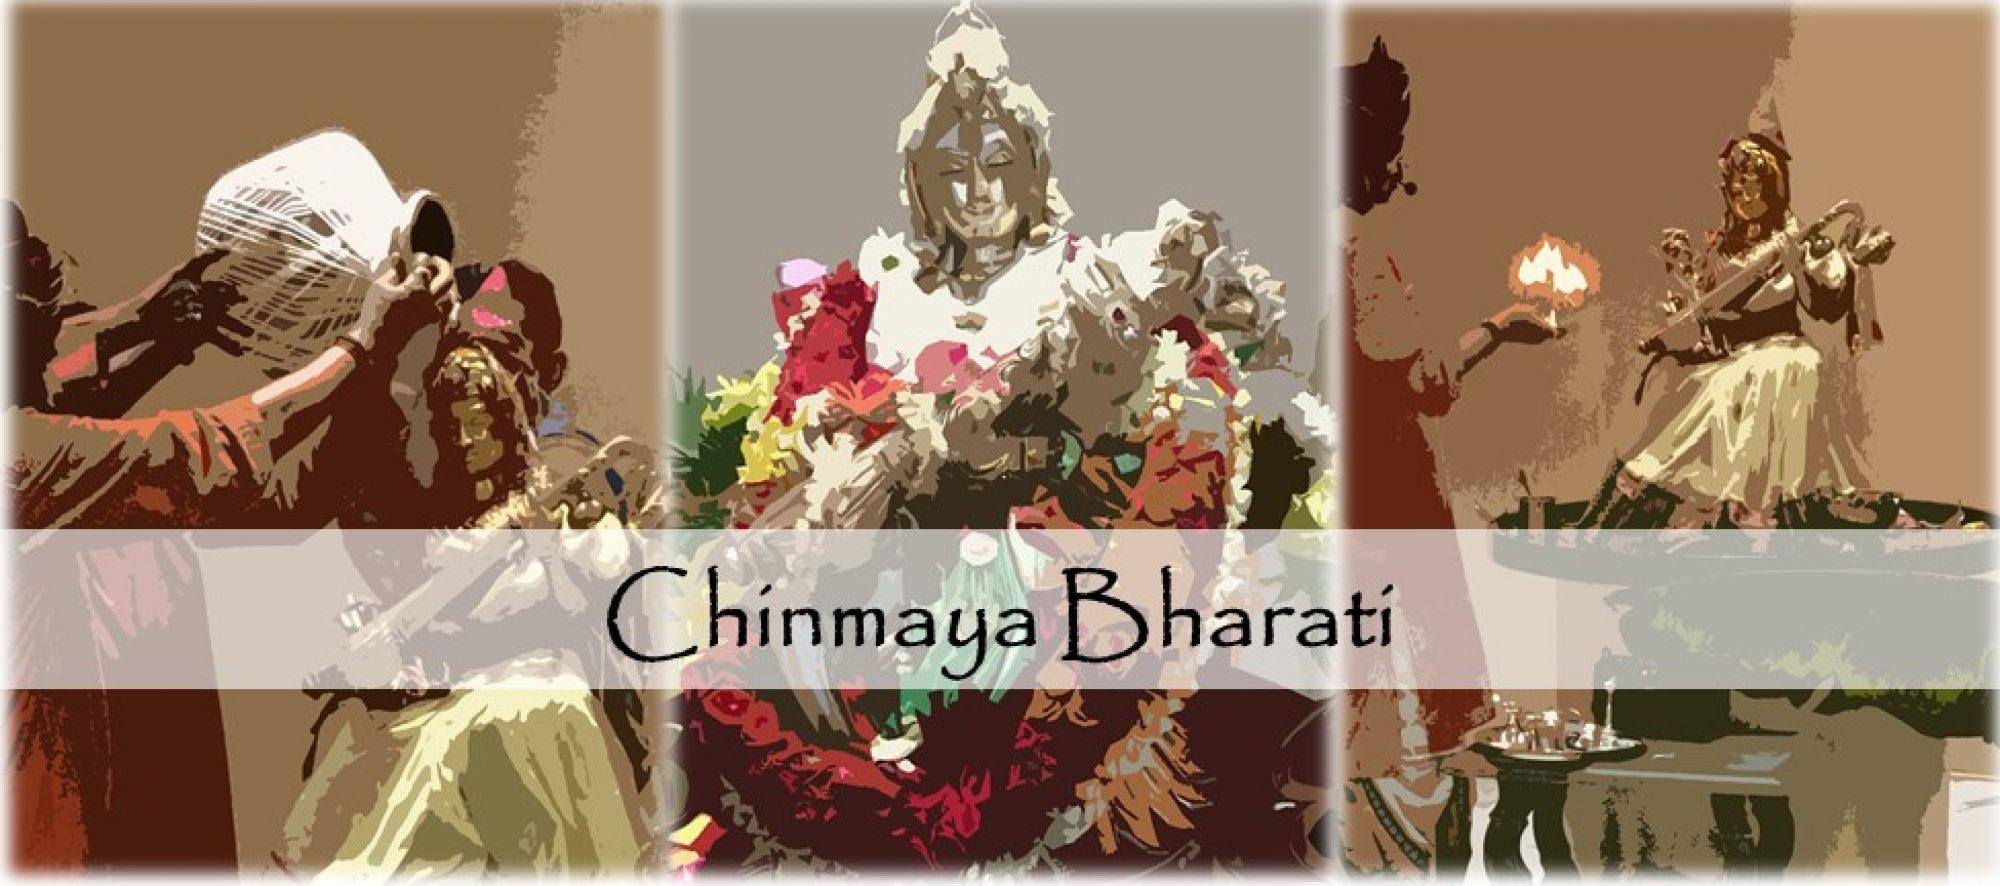 Chinmaya Bharati